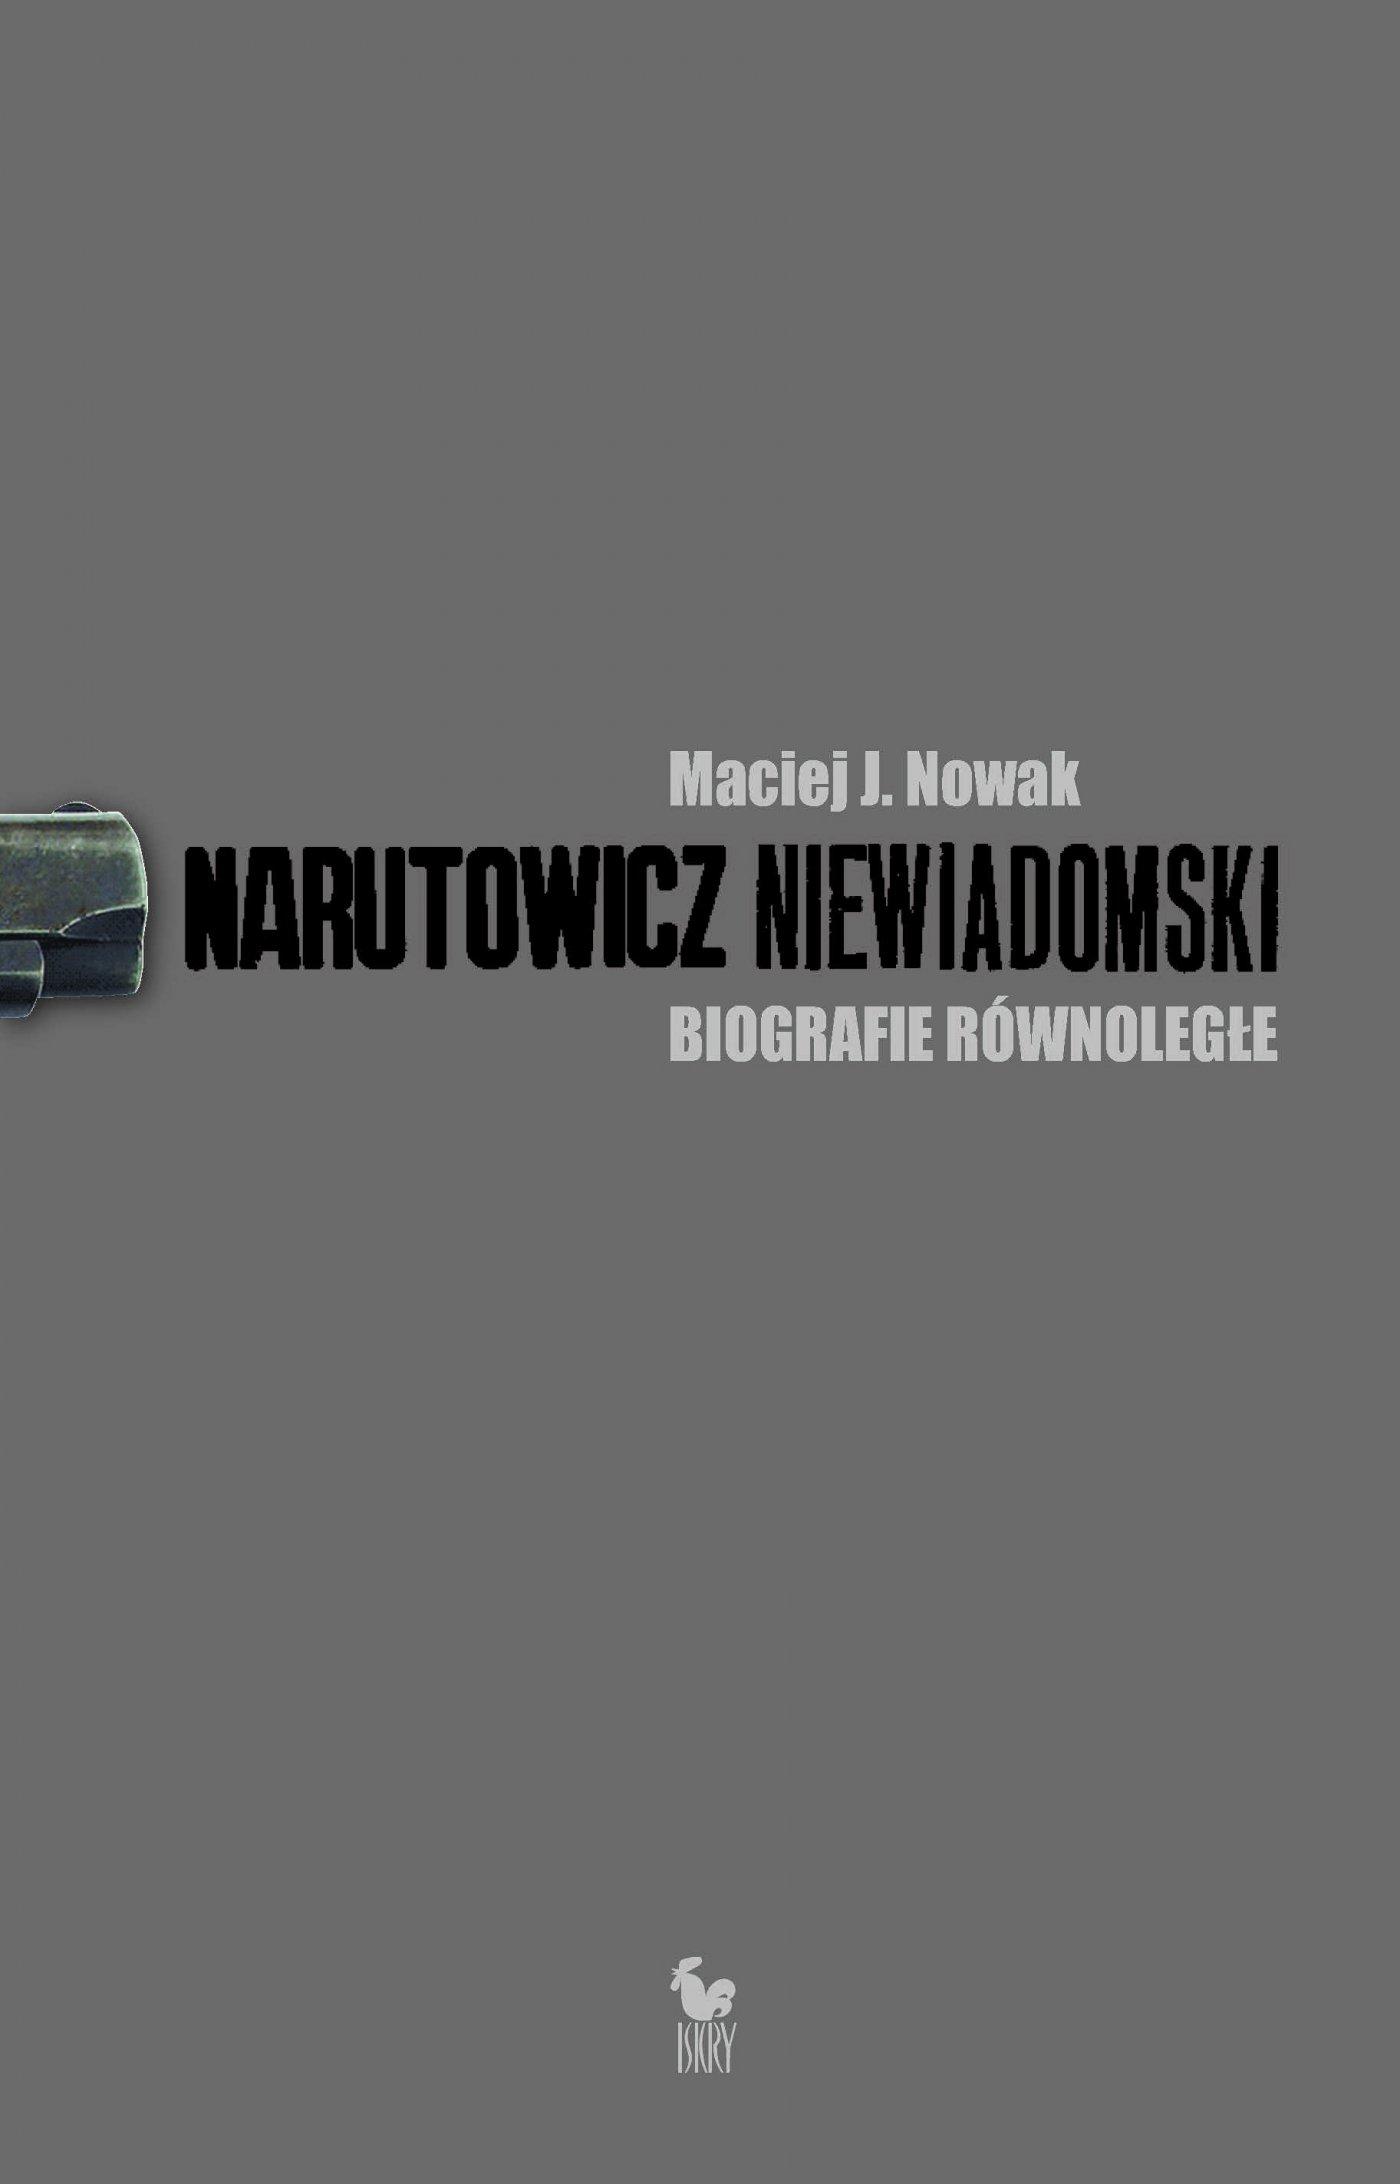 Narutowicz – Niewiadomski. Biografie równoległe - Ebook (Książka na Kindle) do pobrania w formacie MOBI